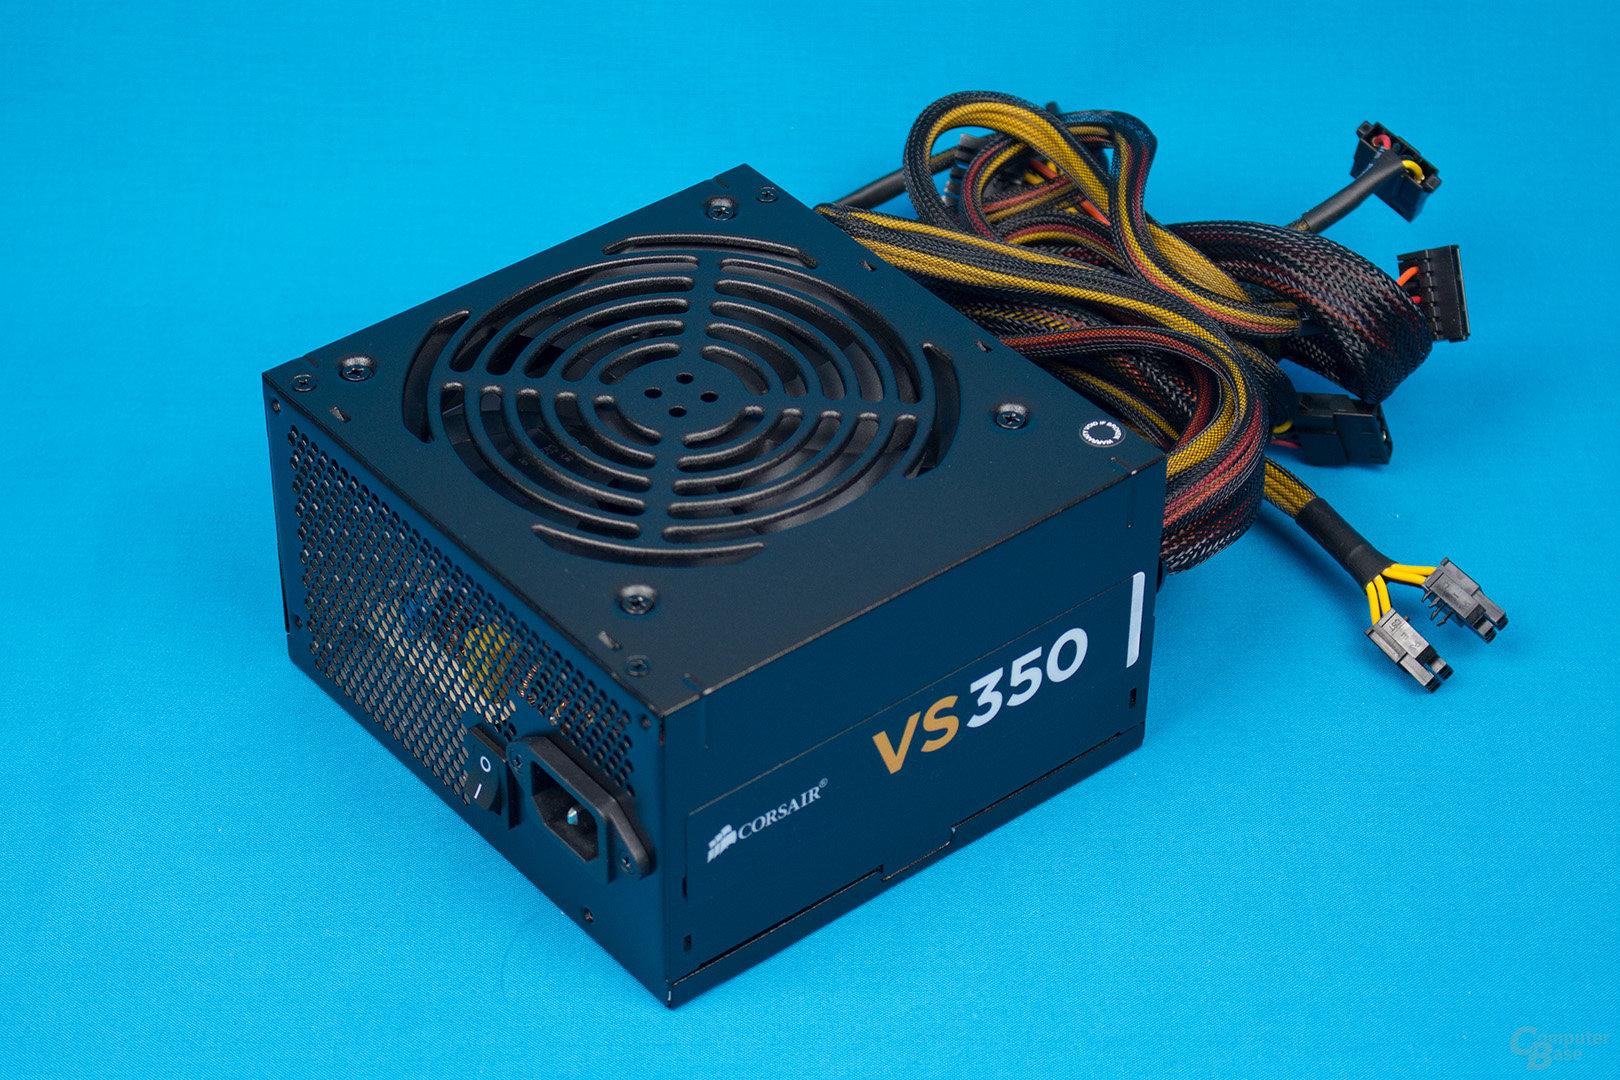 Corsair VS350 Rev 2.0